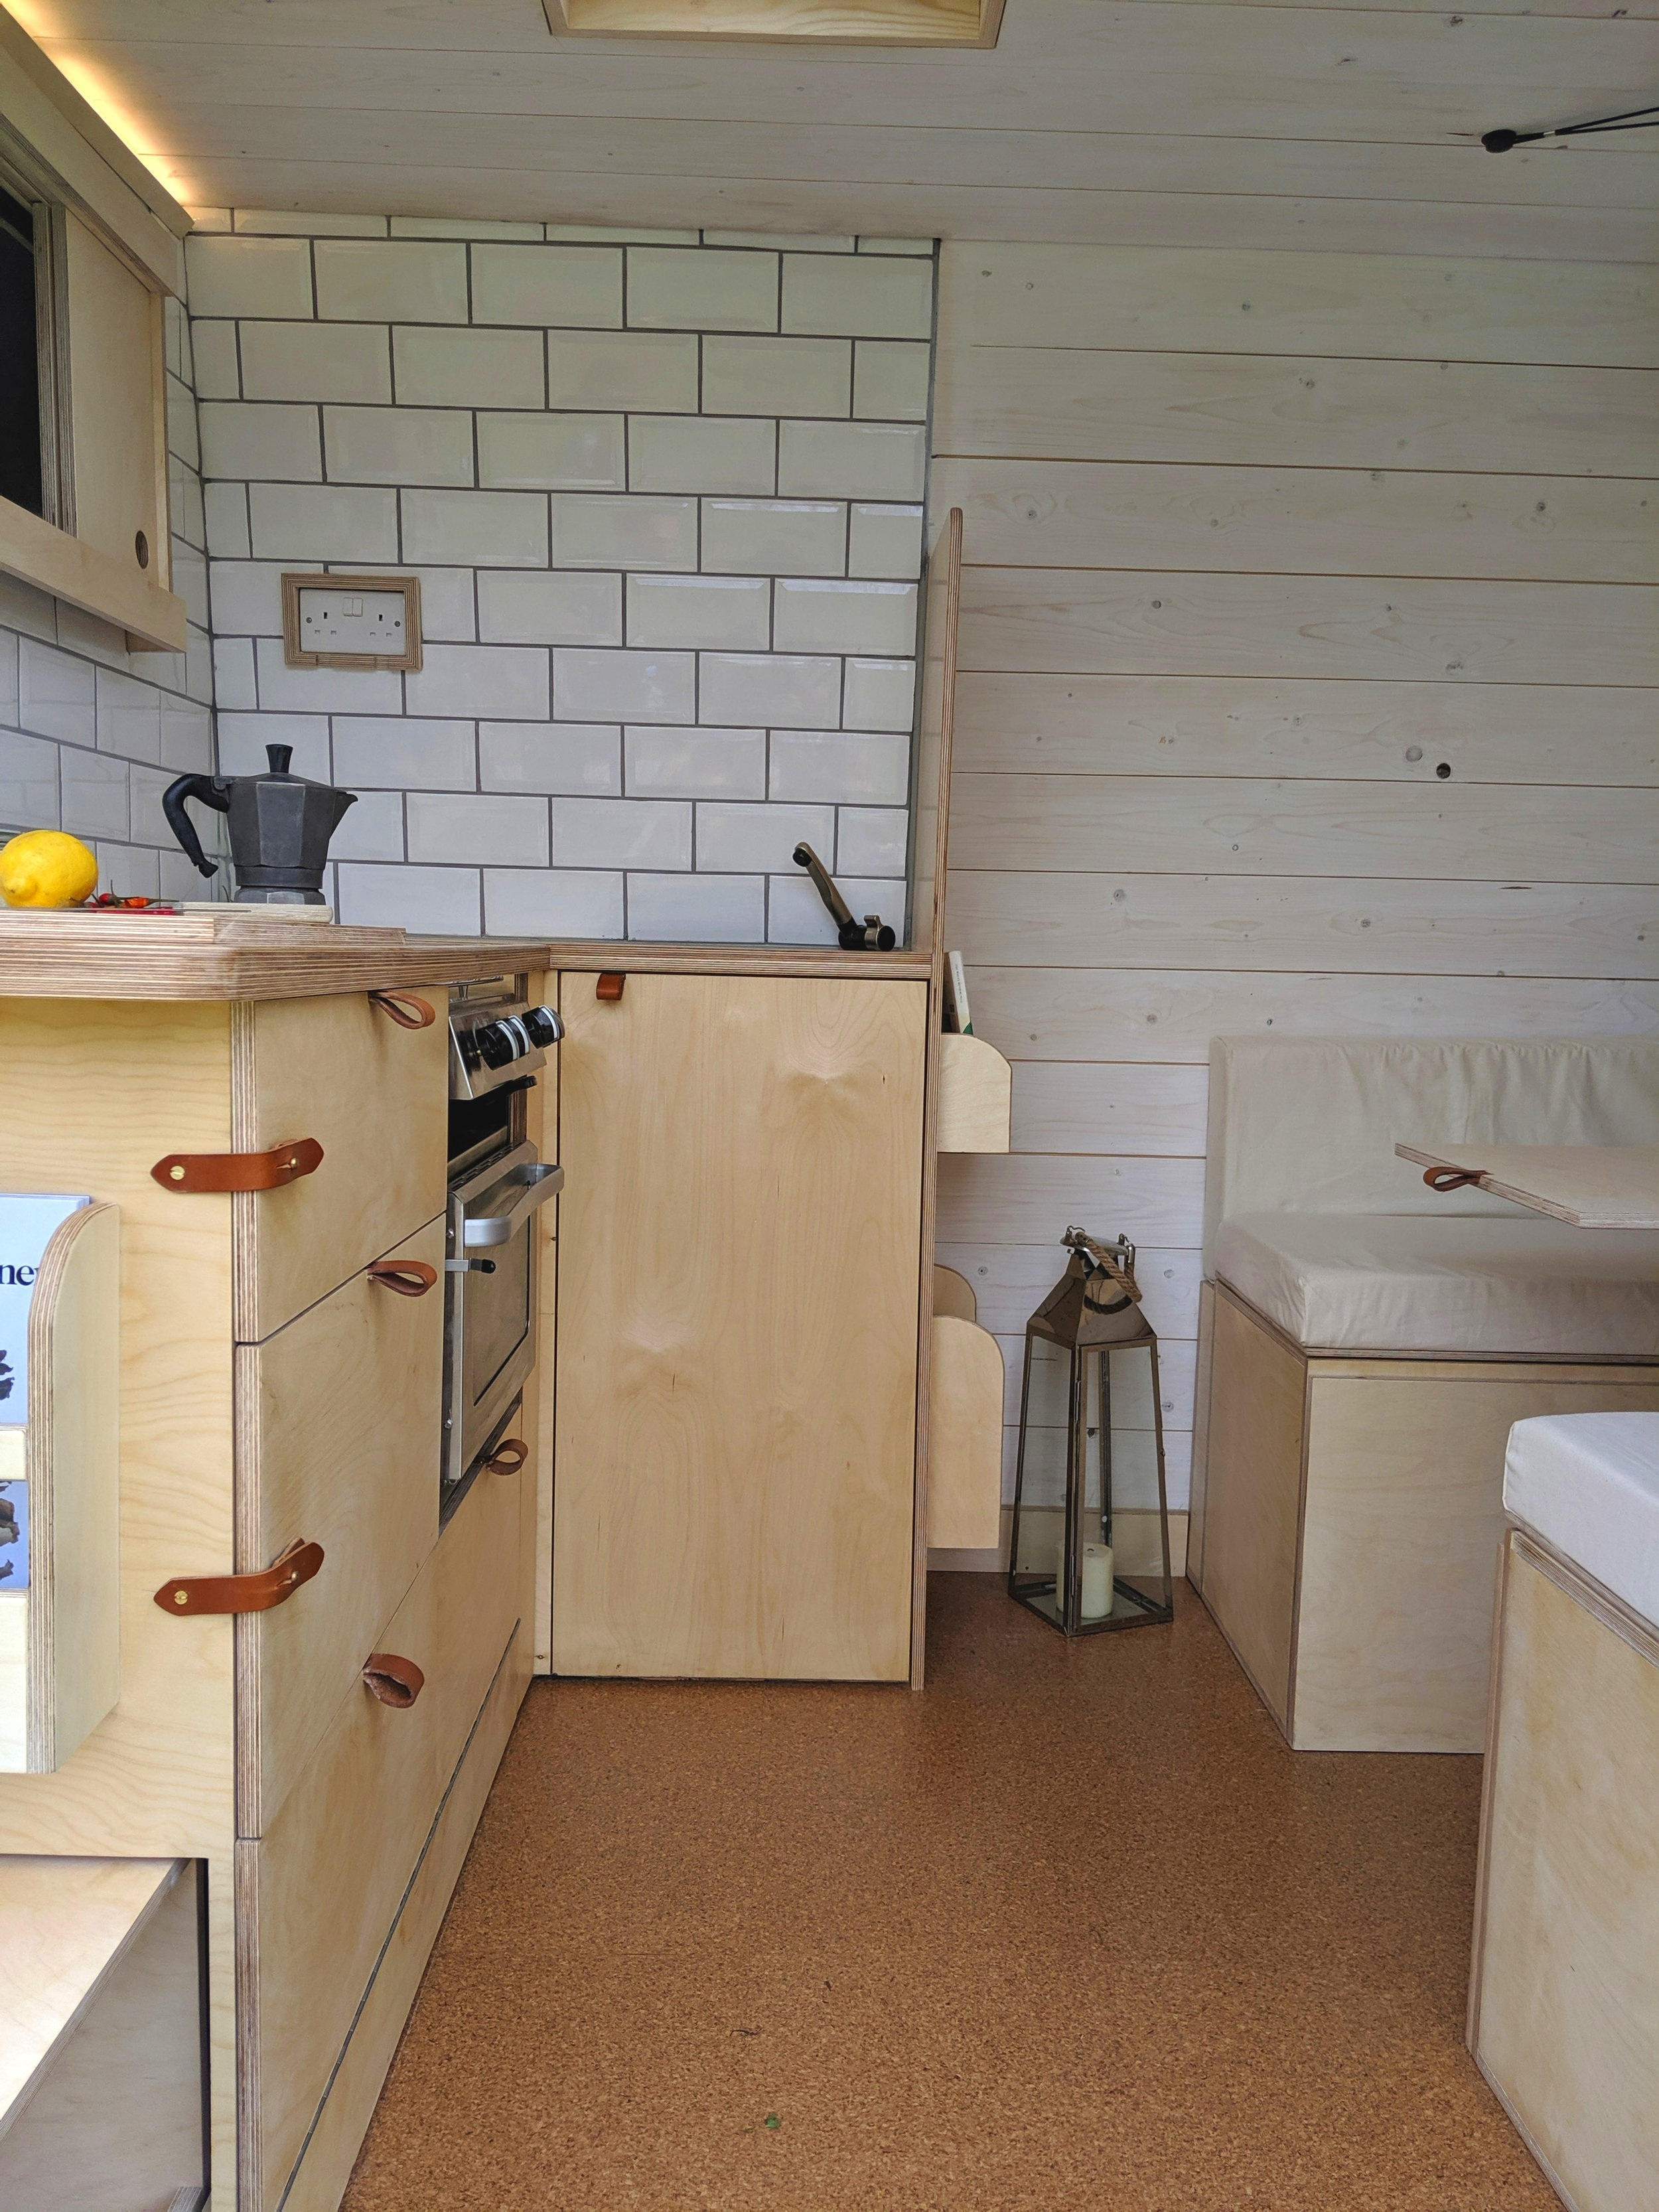 OOOD+van+kitchen